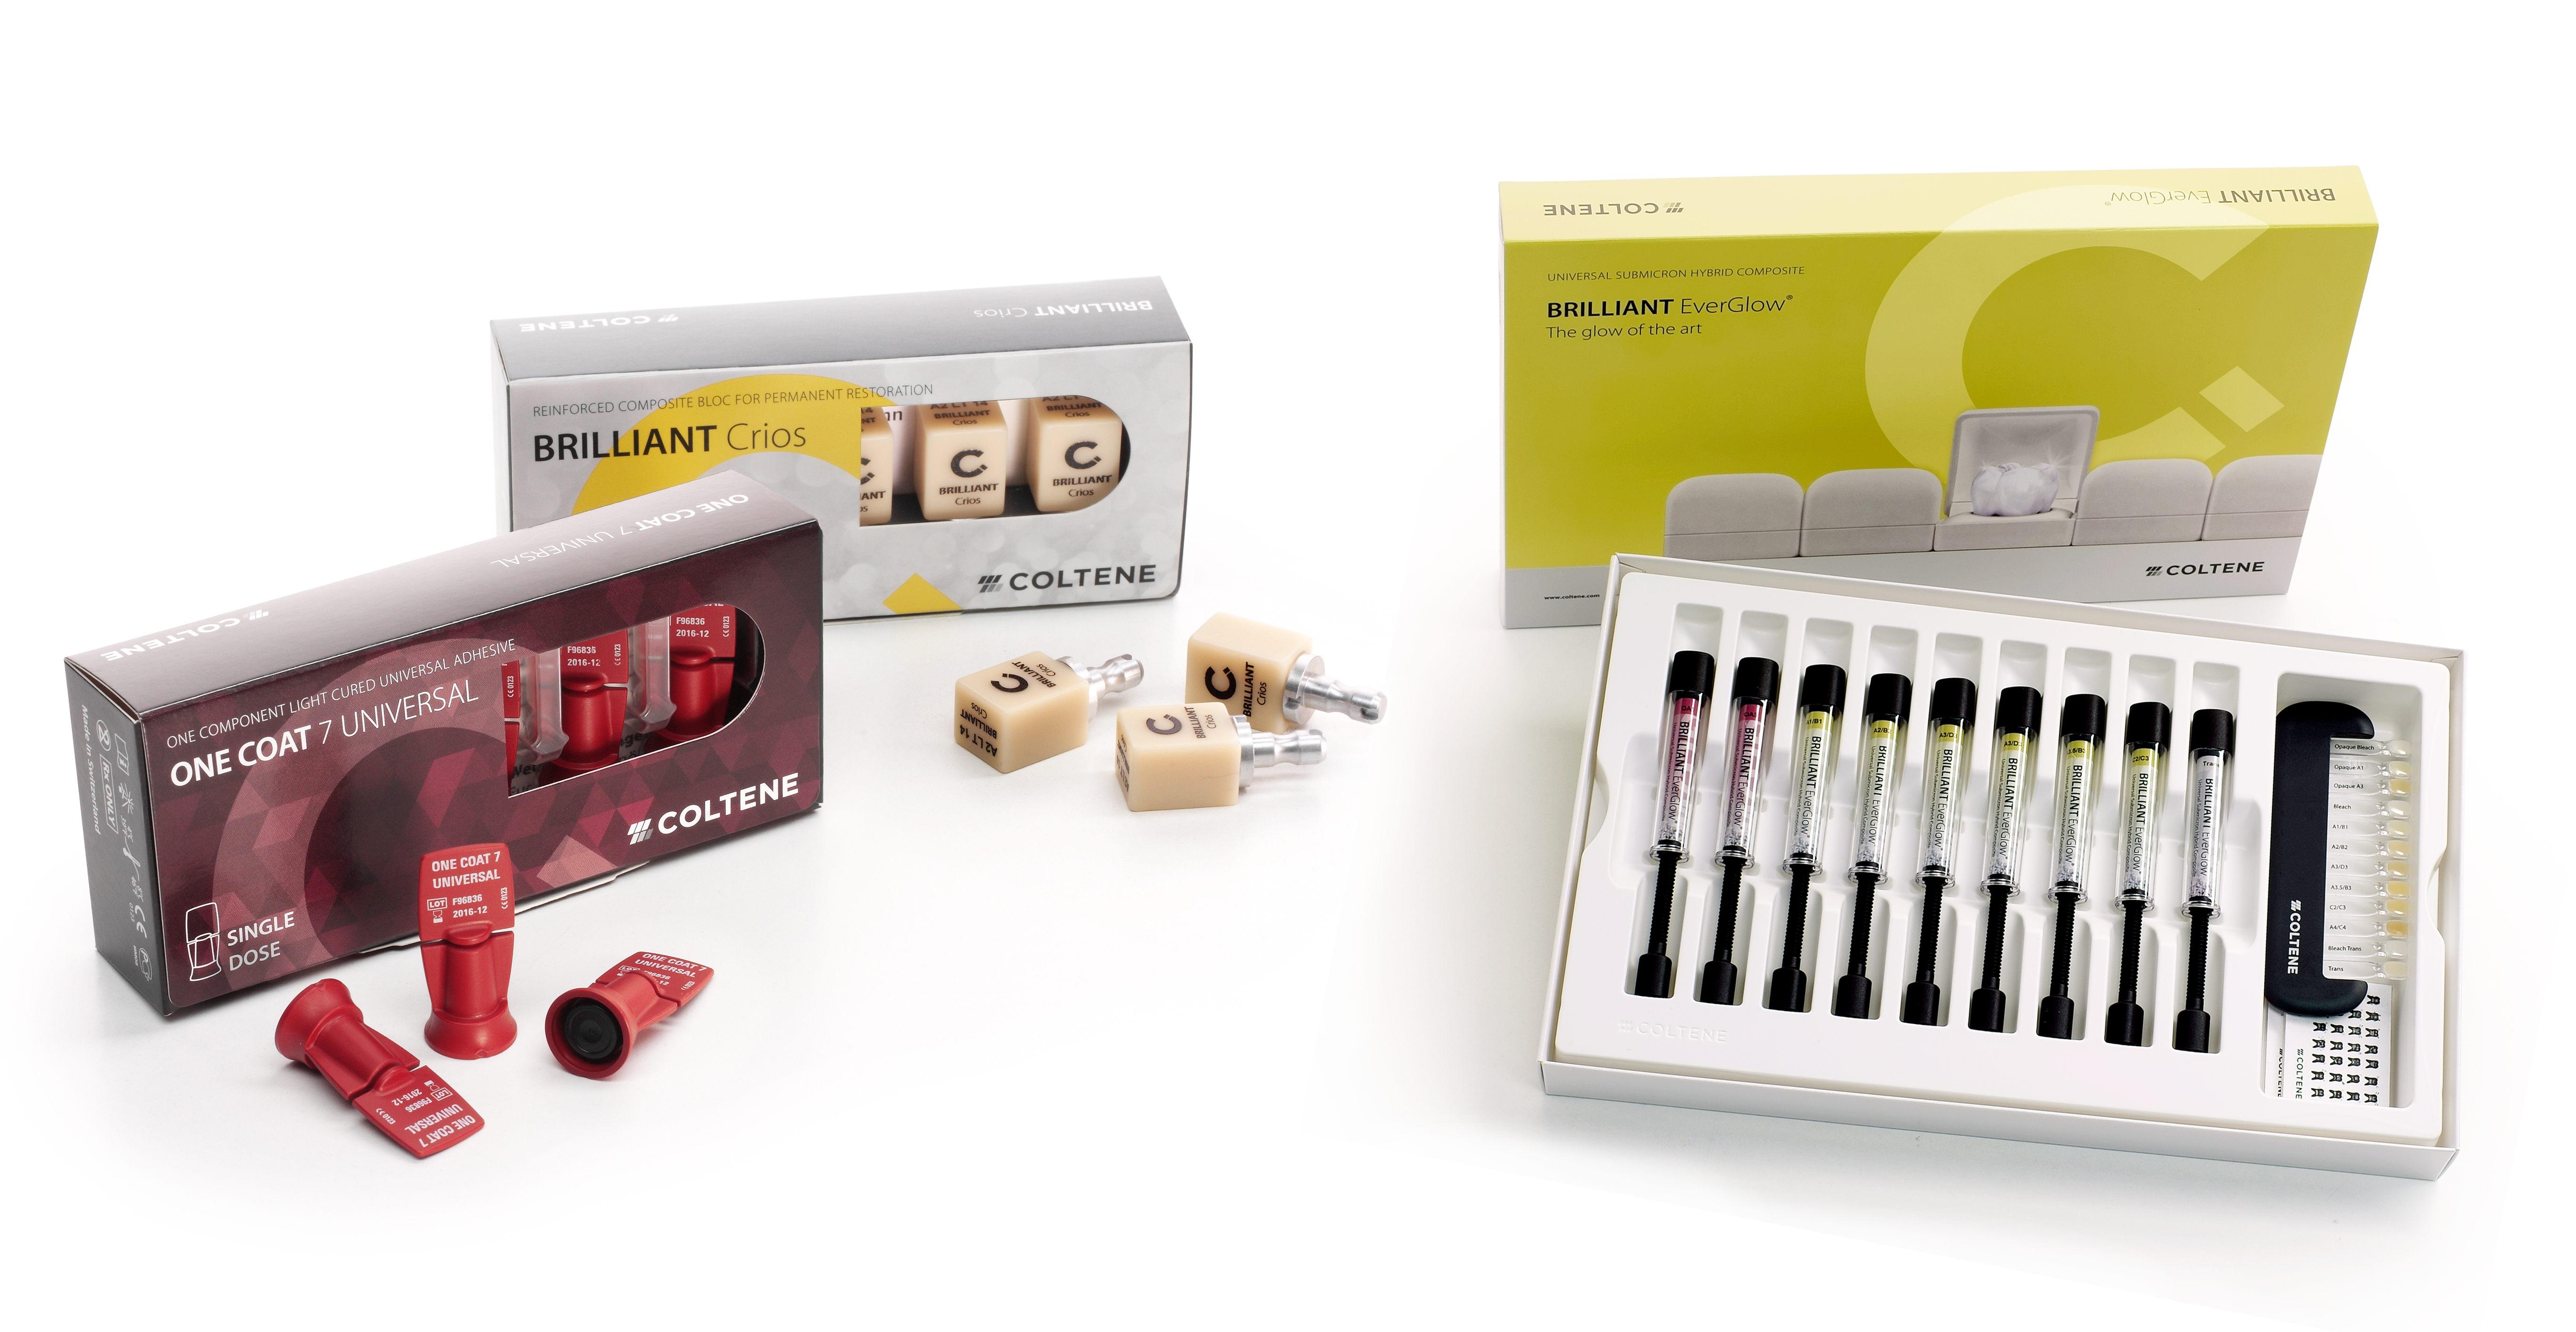 COLTENE BRILLIANT Produkte für brillante Ergebnisse